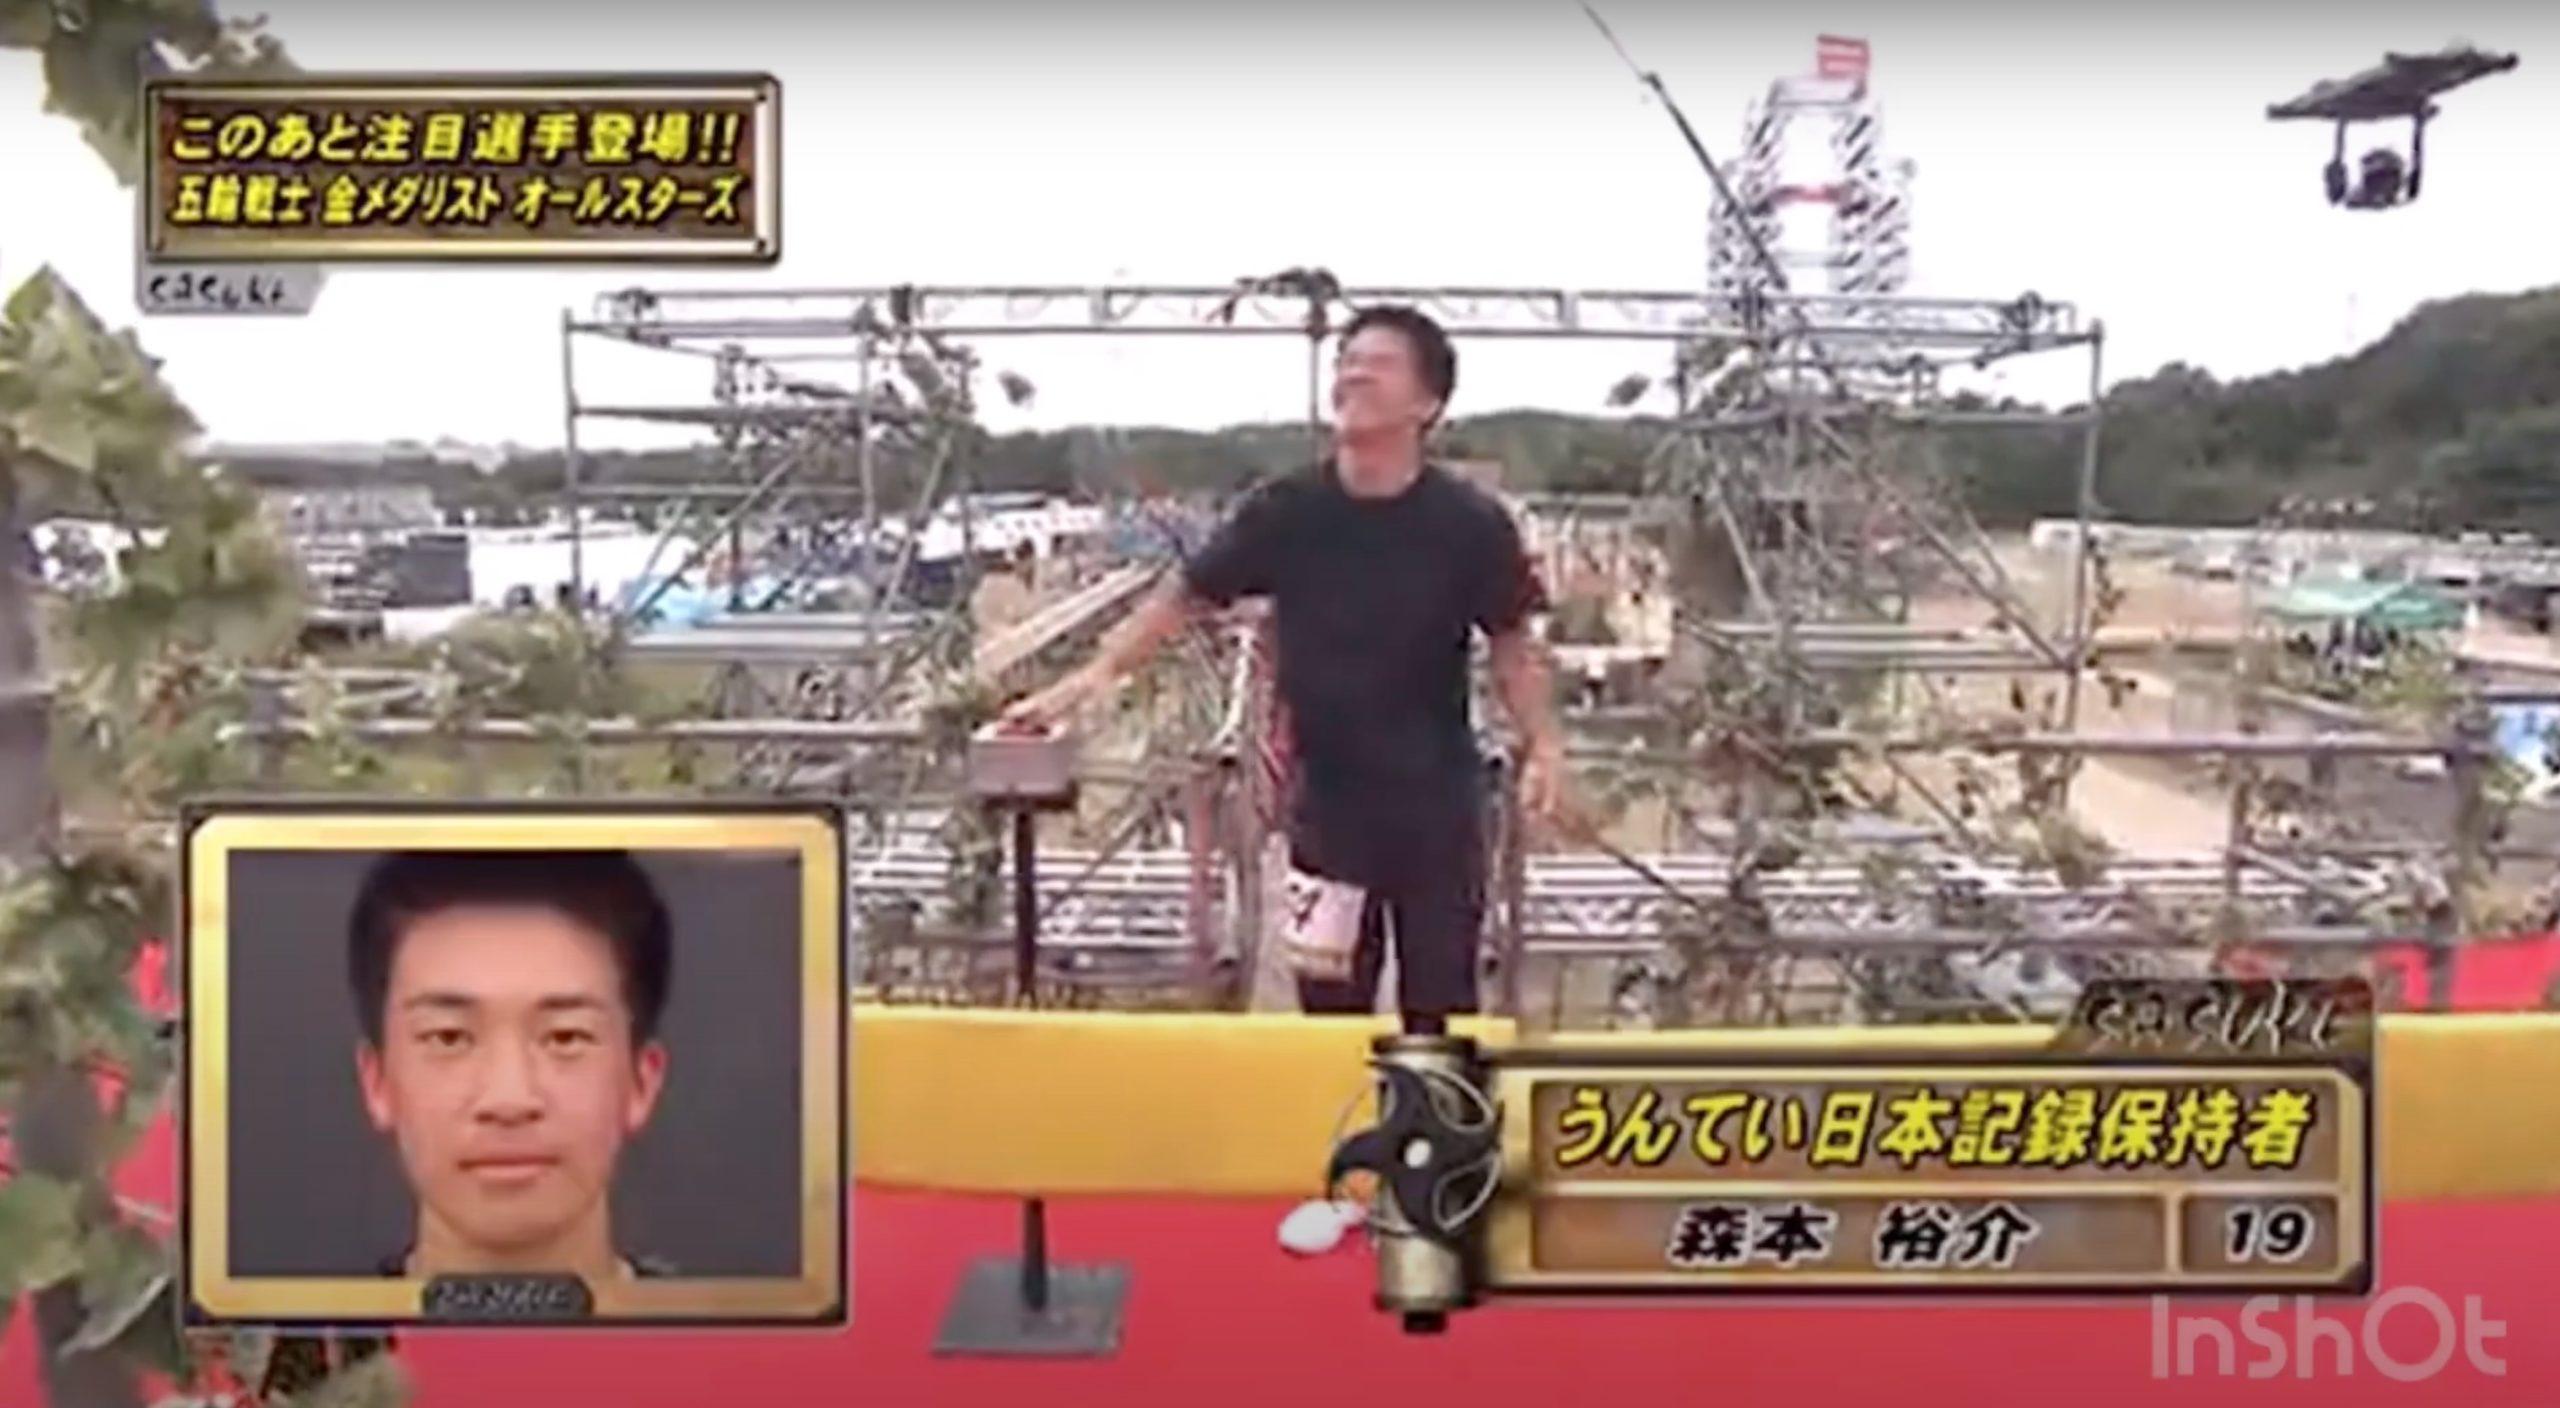 サスケ君(森本裕介)の完全制覇と歴代結果